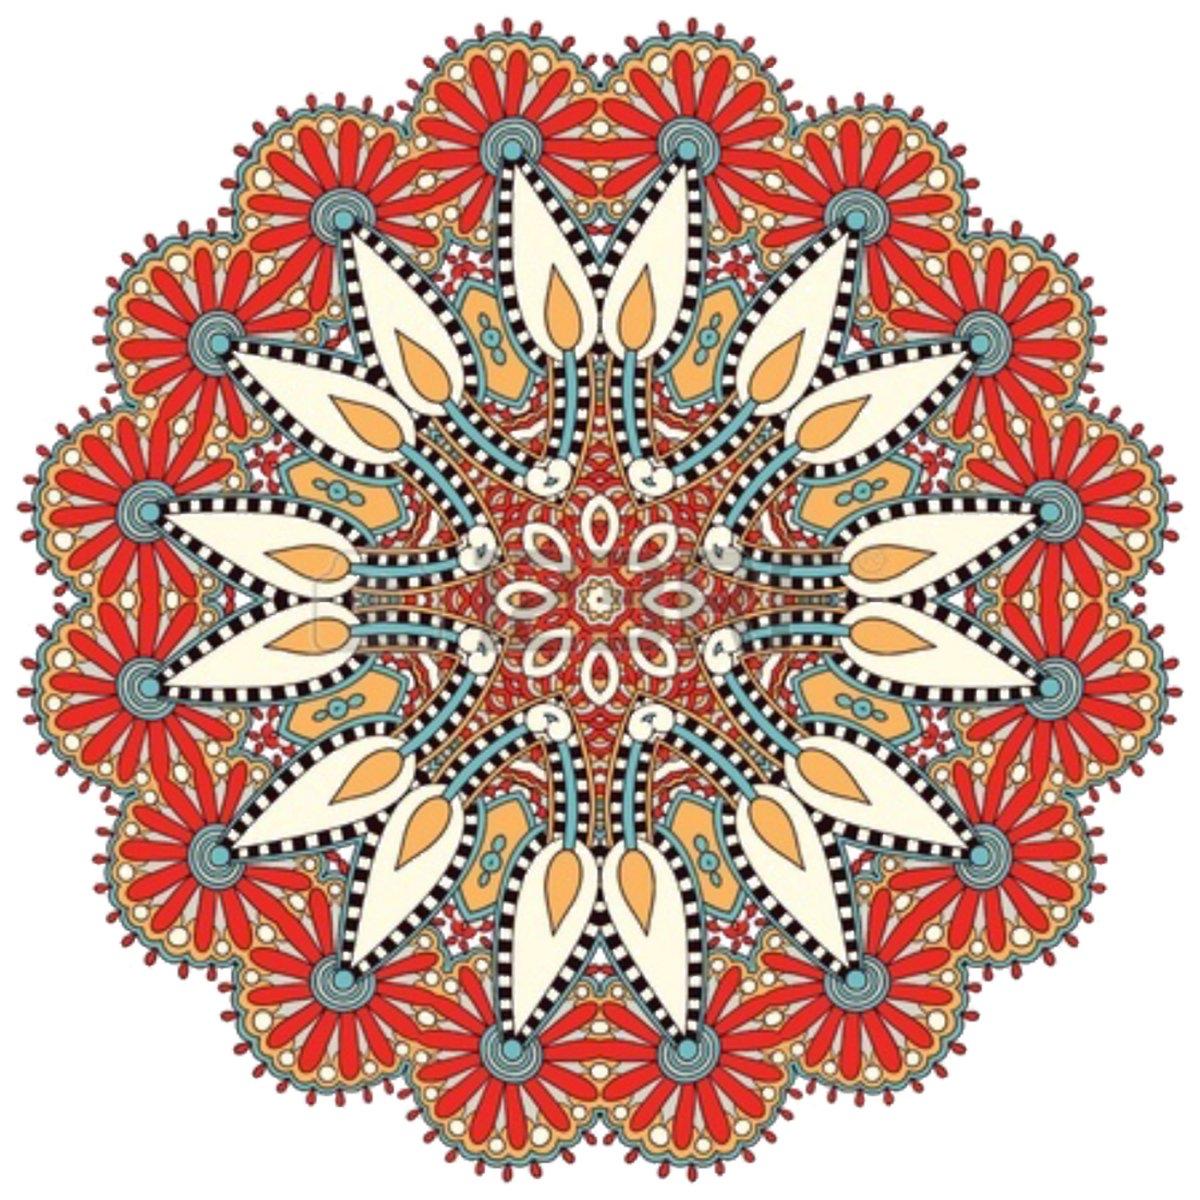 بالصور زخرفة اسلامية , صور لاشكال من الفن الاسلامي المميز 3614 7